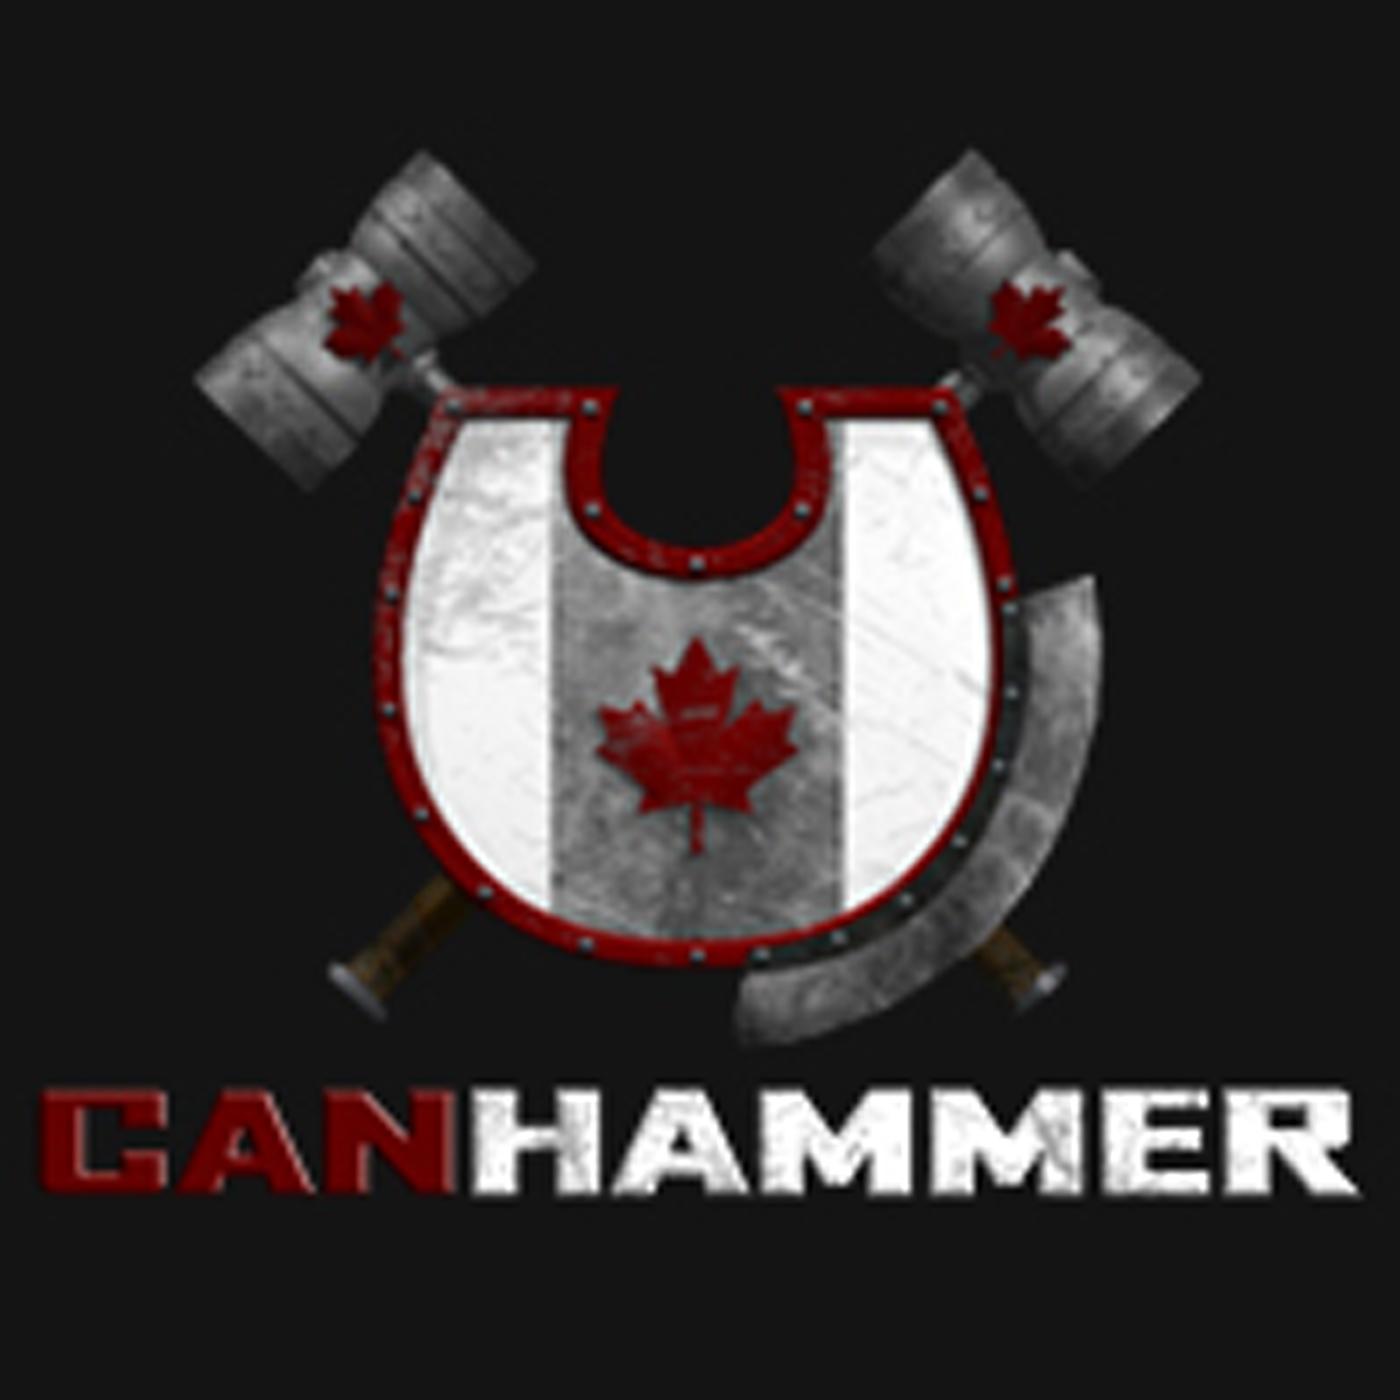 CanHammer Ep 77 -40k, Chaos Rises Again!